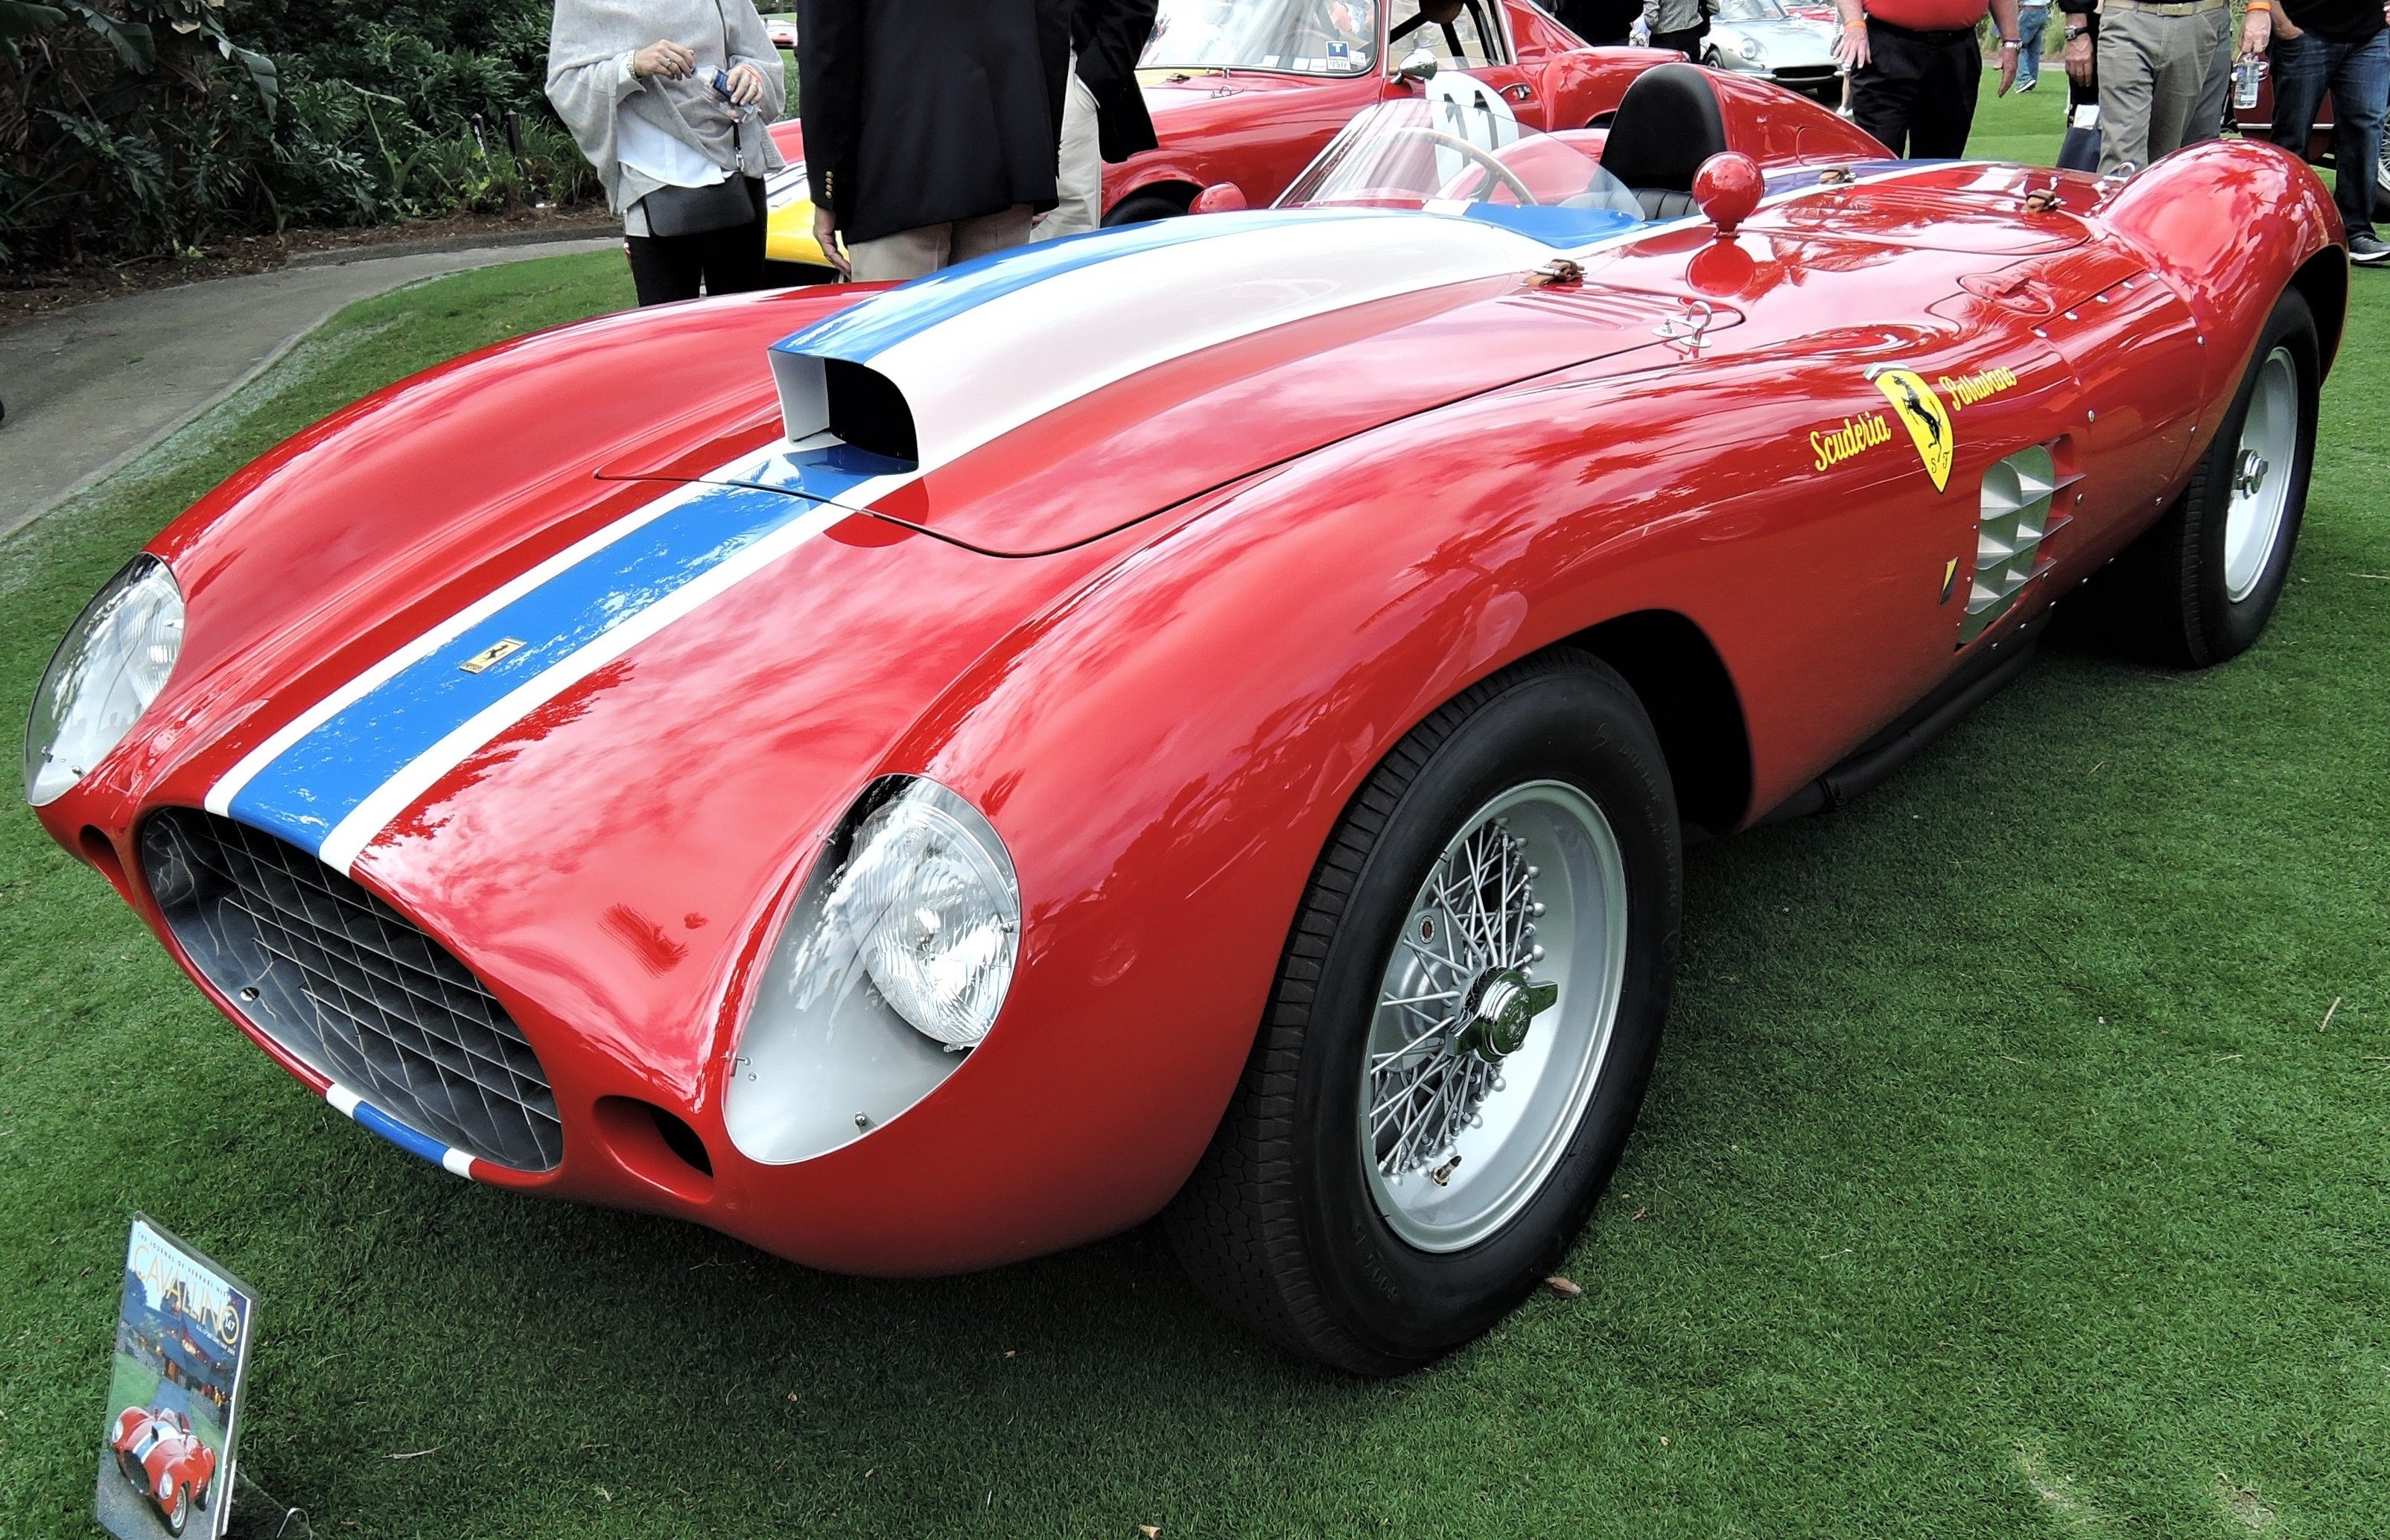 red 1955 Ferrari 410 Sport Scaglietti Spyder; Sn 0592 CM(Carrera Messicana) - Cavallino 2018 Concours